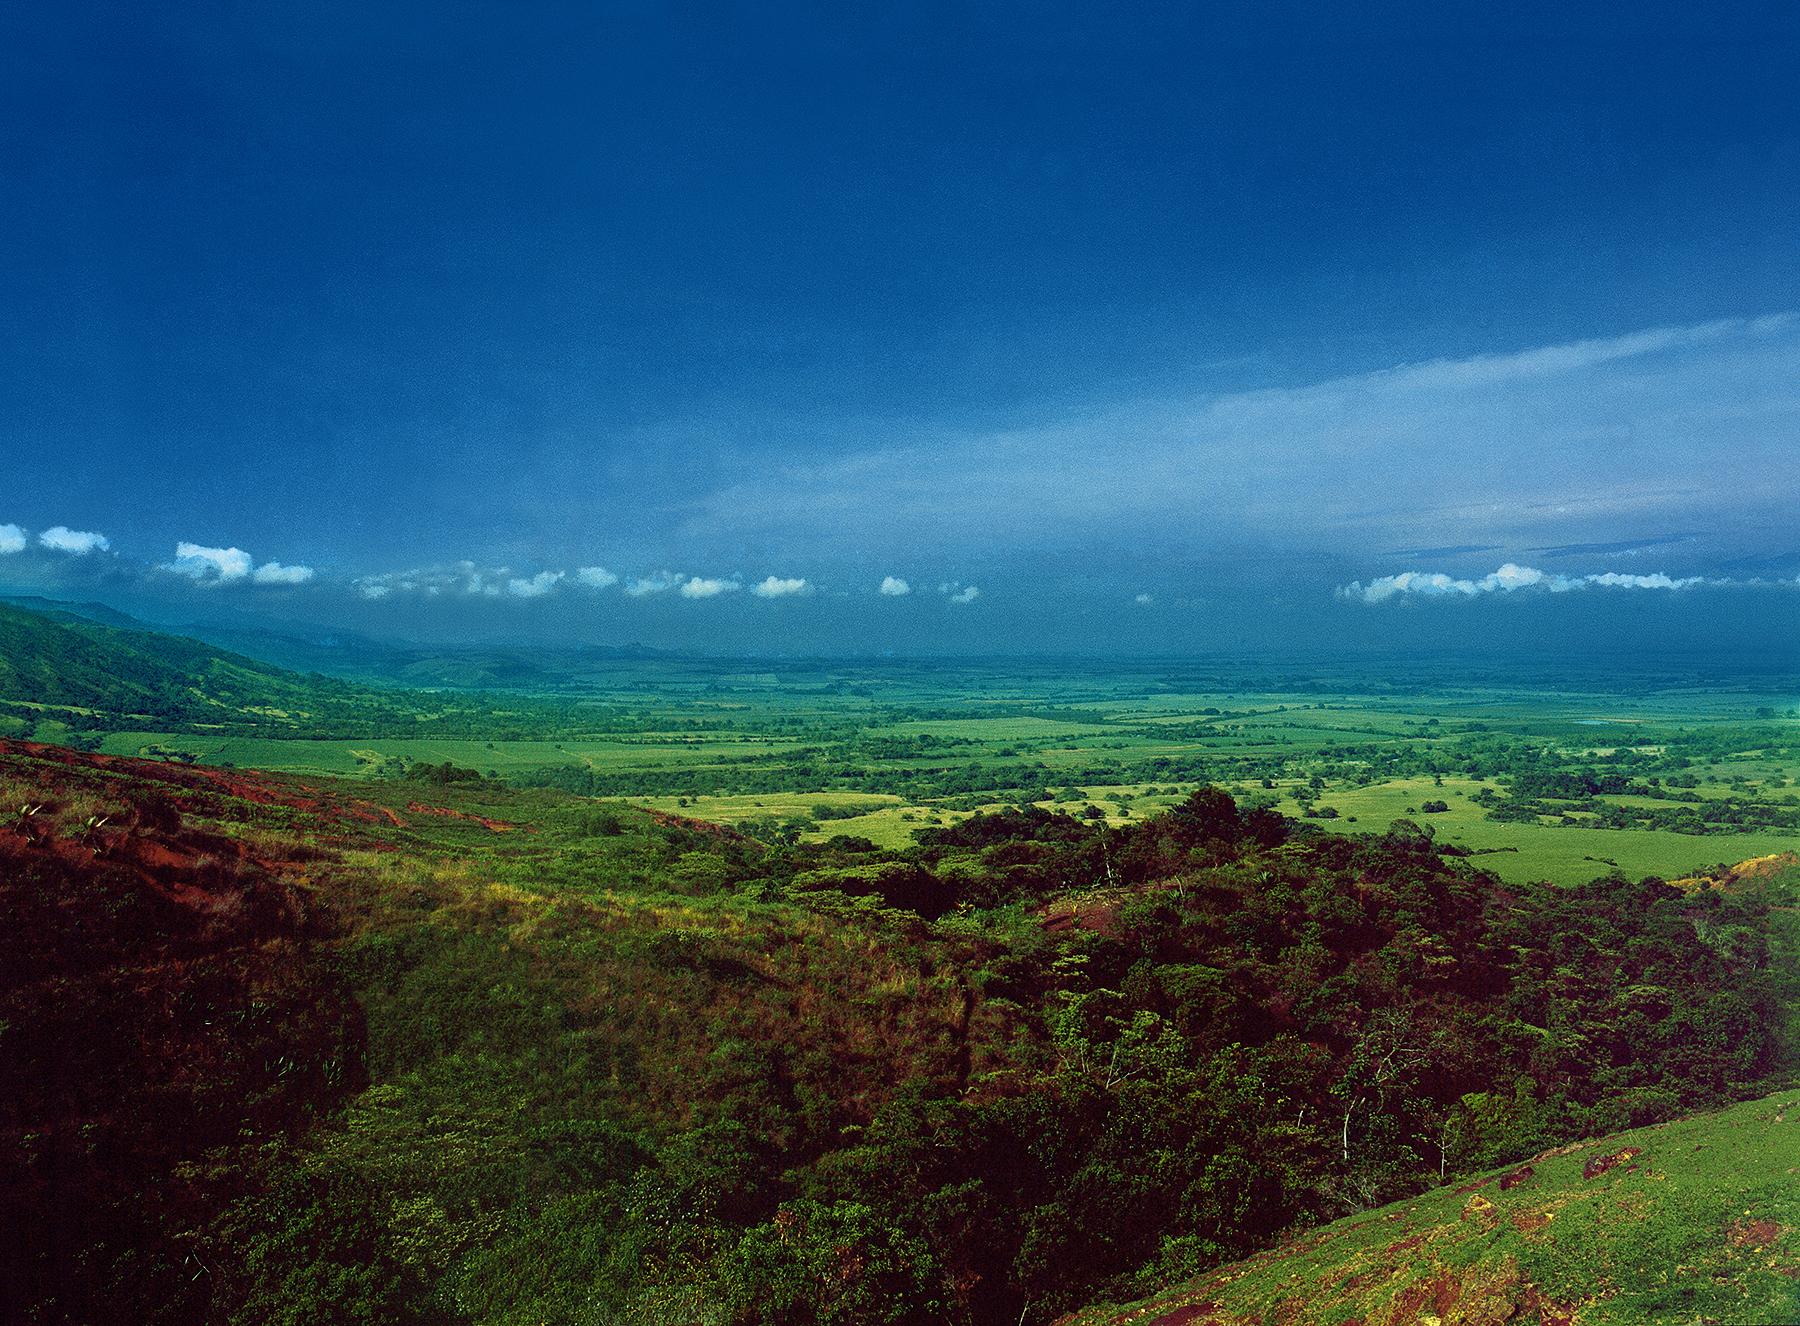 (1) El Paisaje_El Valle del río Cauca en Colombia © Sylvia Patiño para LOFscapes.jpg